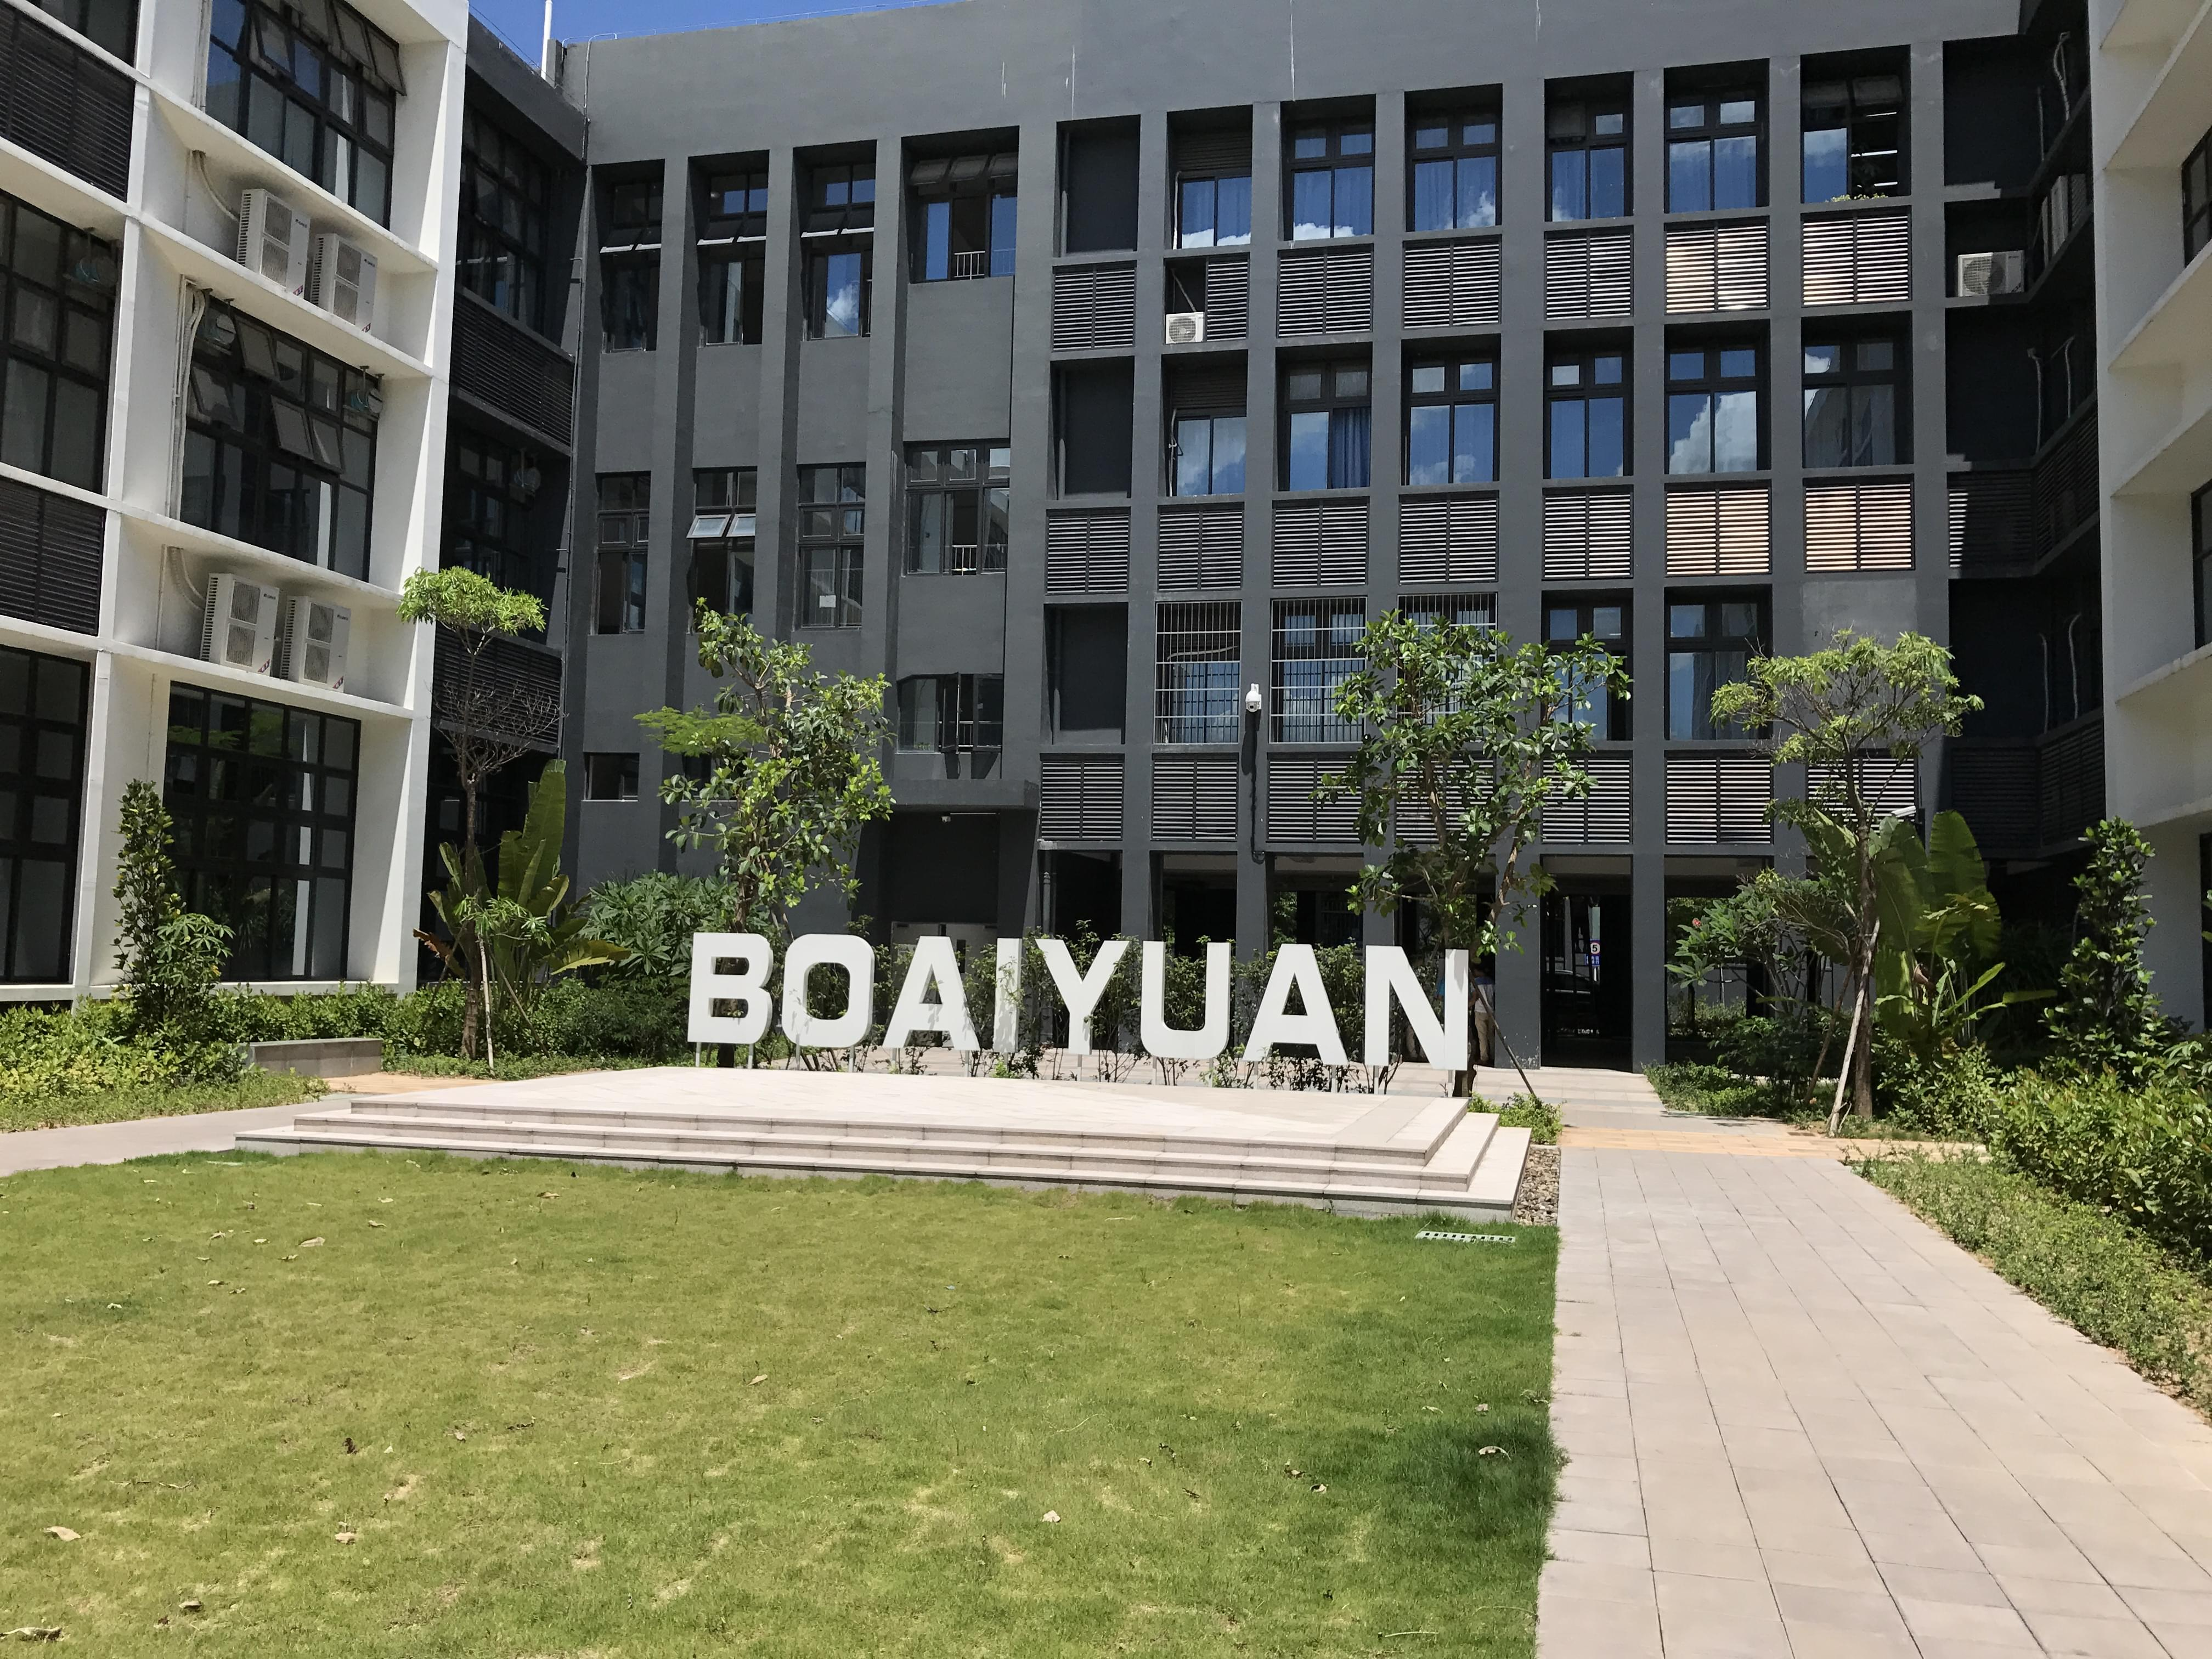 深圳南山园林绿化之博伦职业技术学校签订学校园林绿化合同